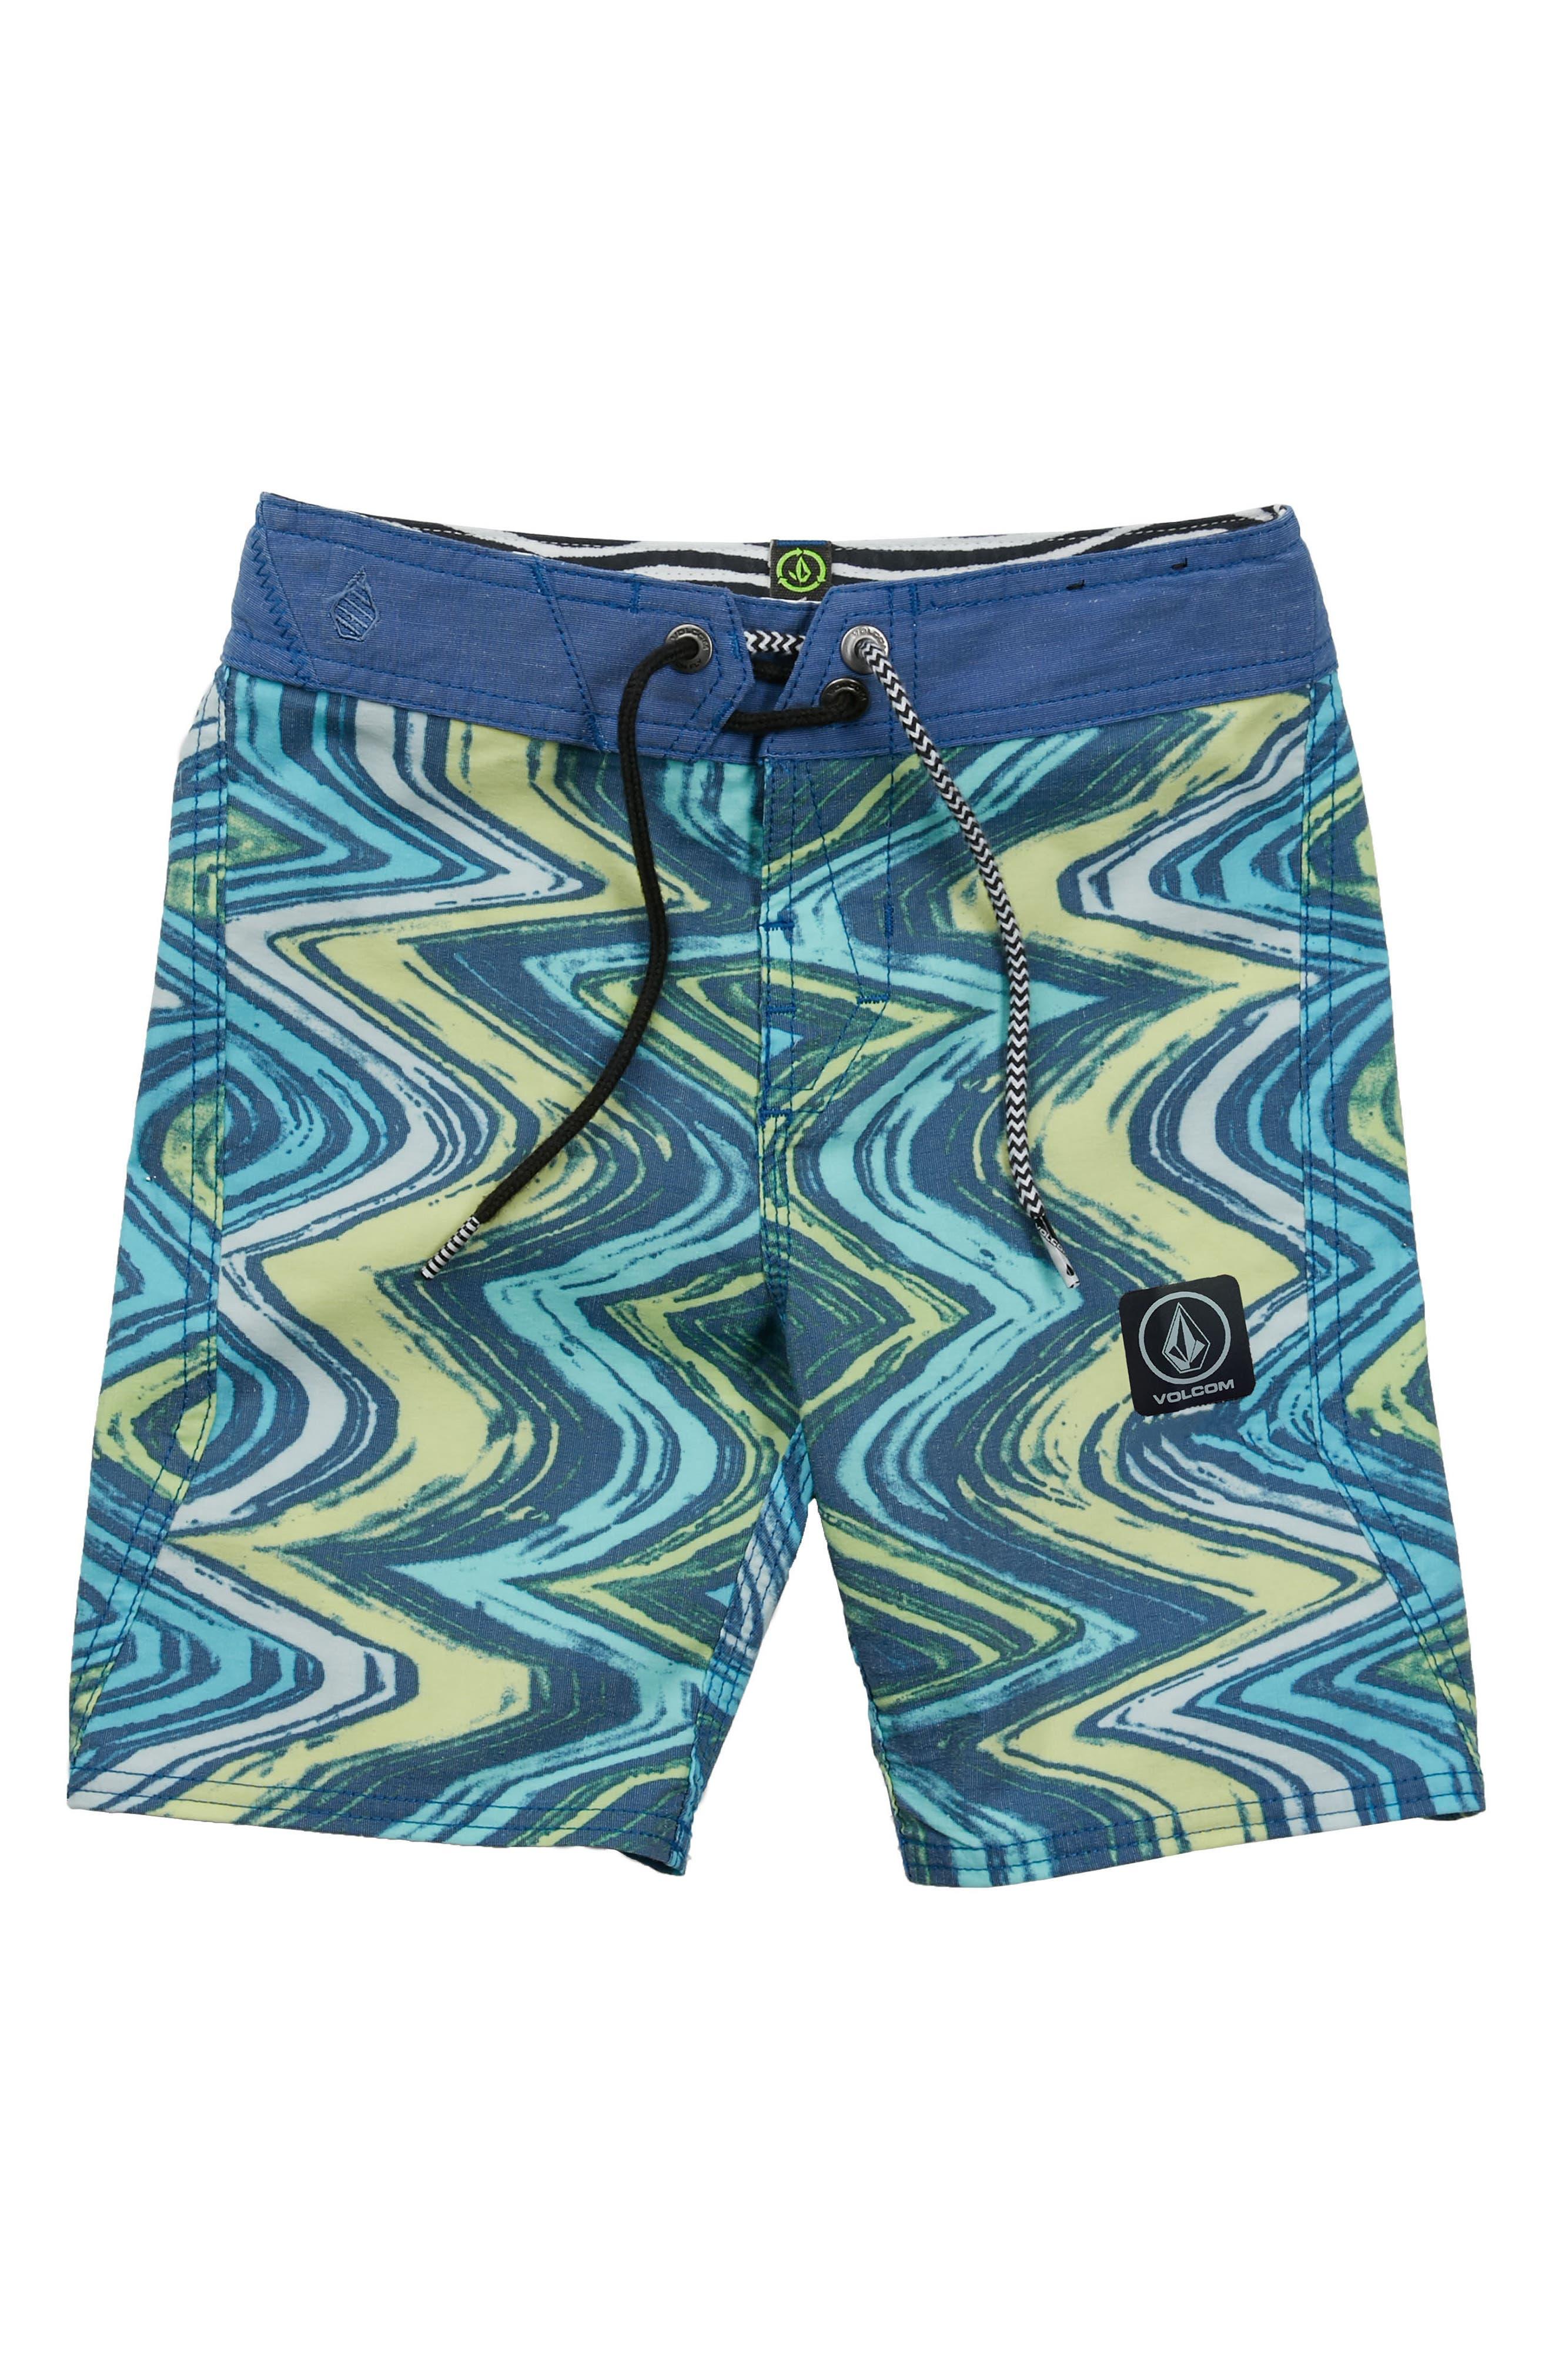 Lo-Fi Board Shorts,                         Main,                         color, 421